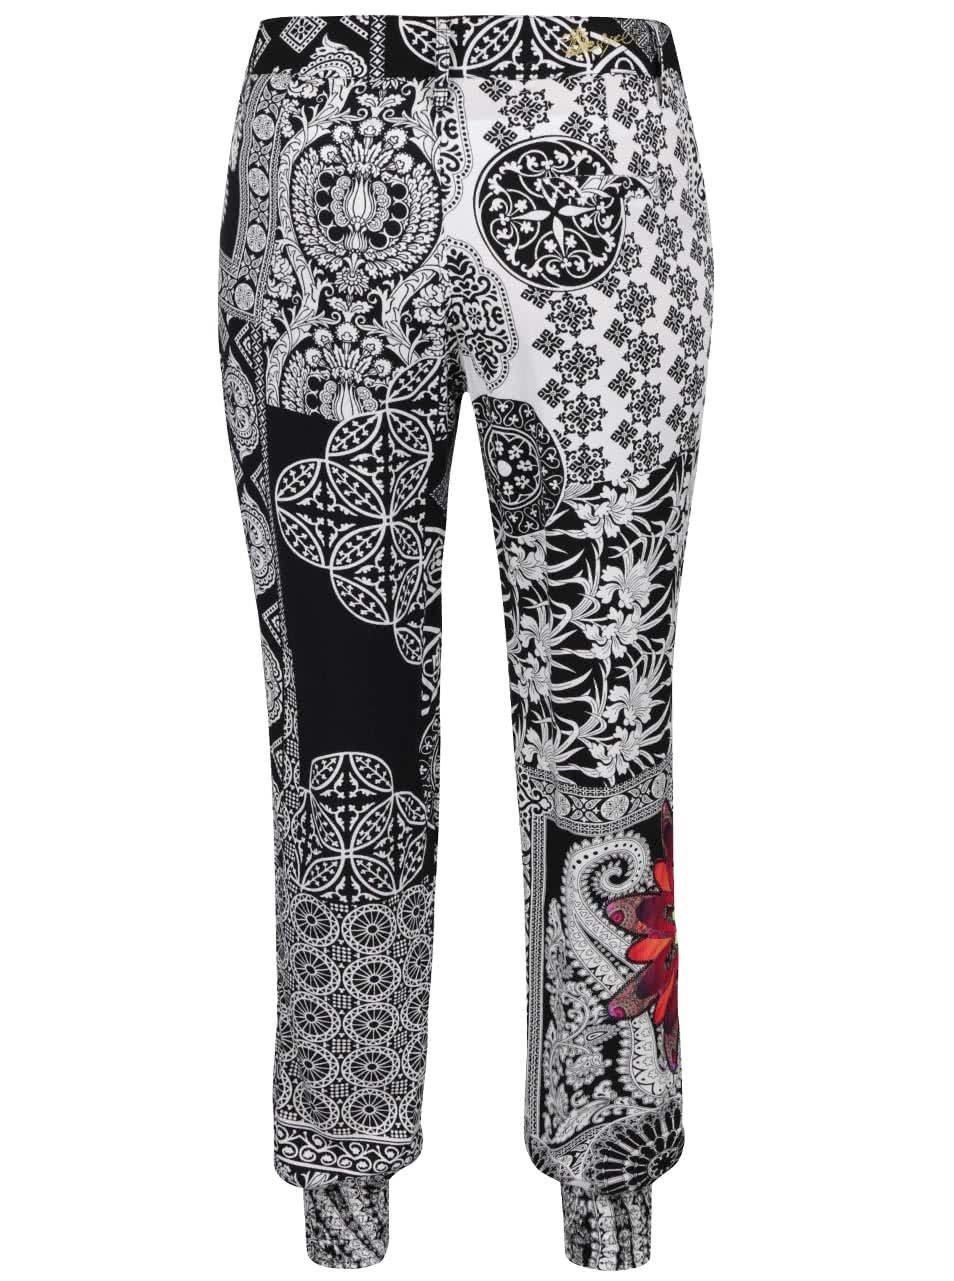 42c550c408fc Čierno-biele vzorované nohavice Desigual Olass ...